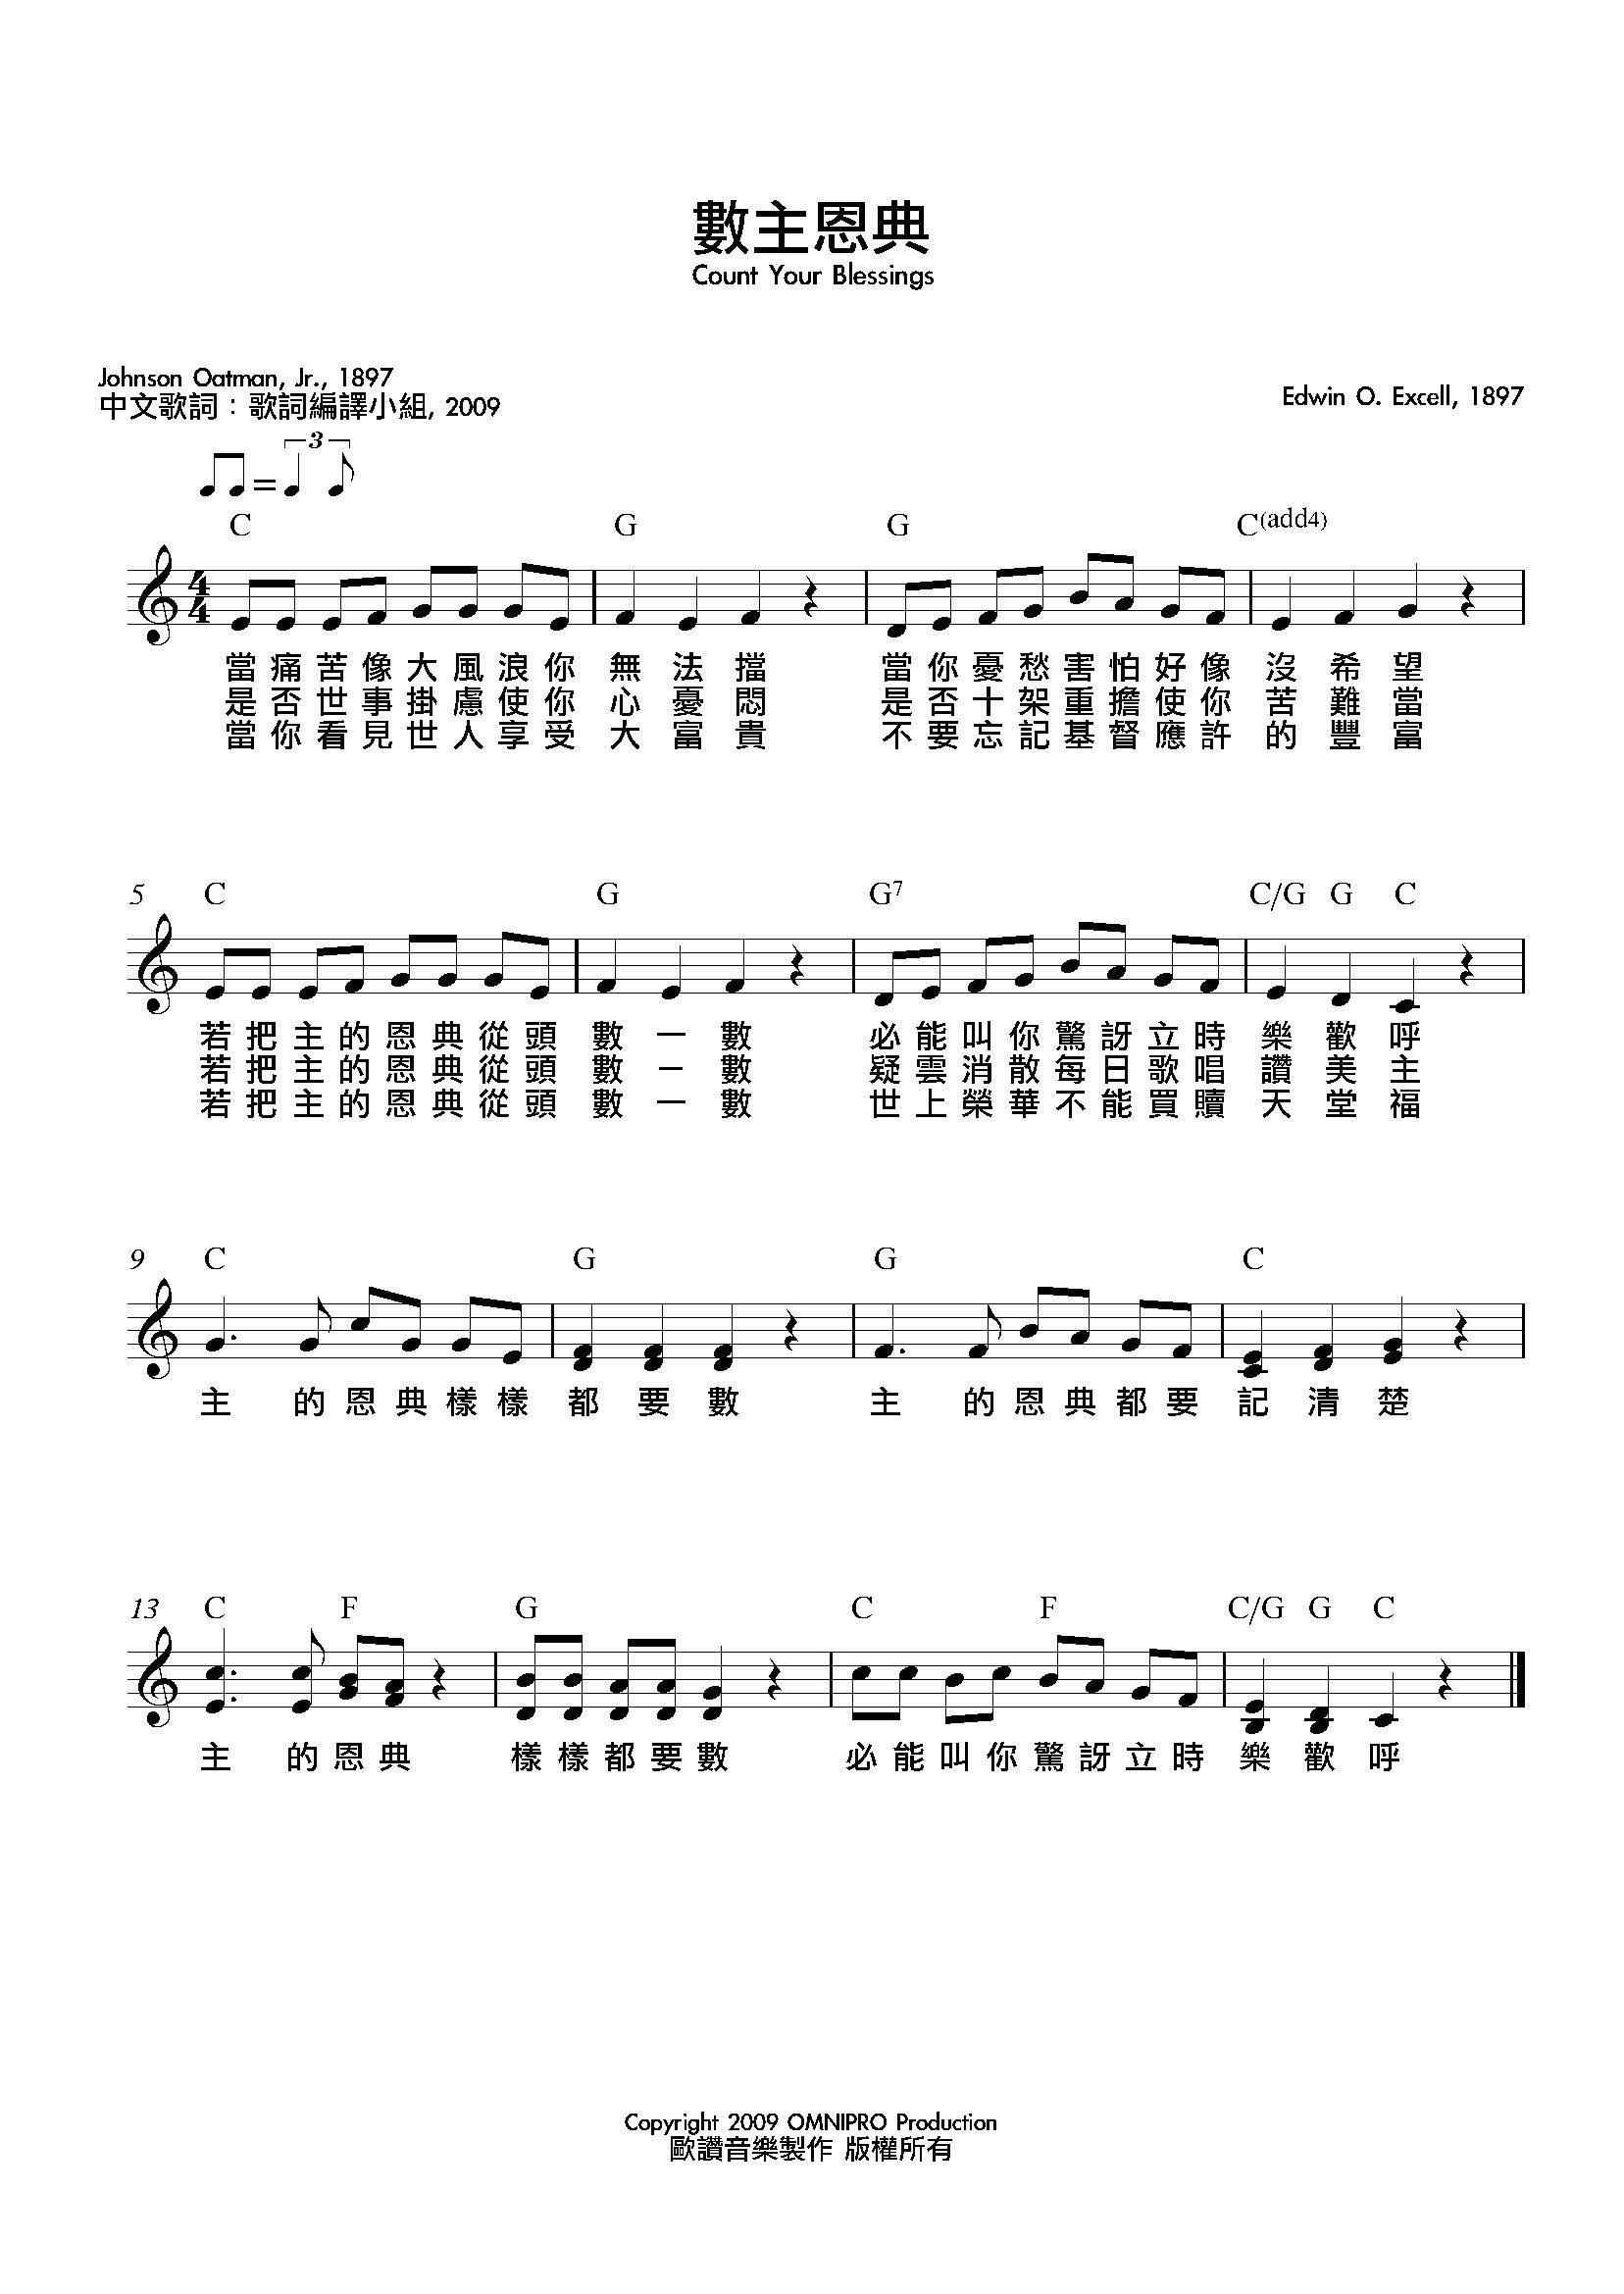 下载:数主恩典钢琴曲谱(图1)